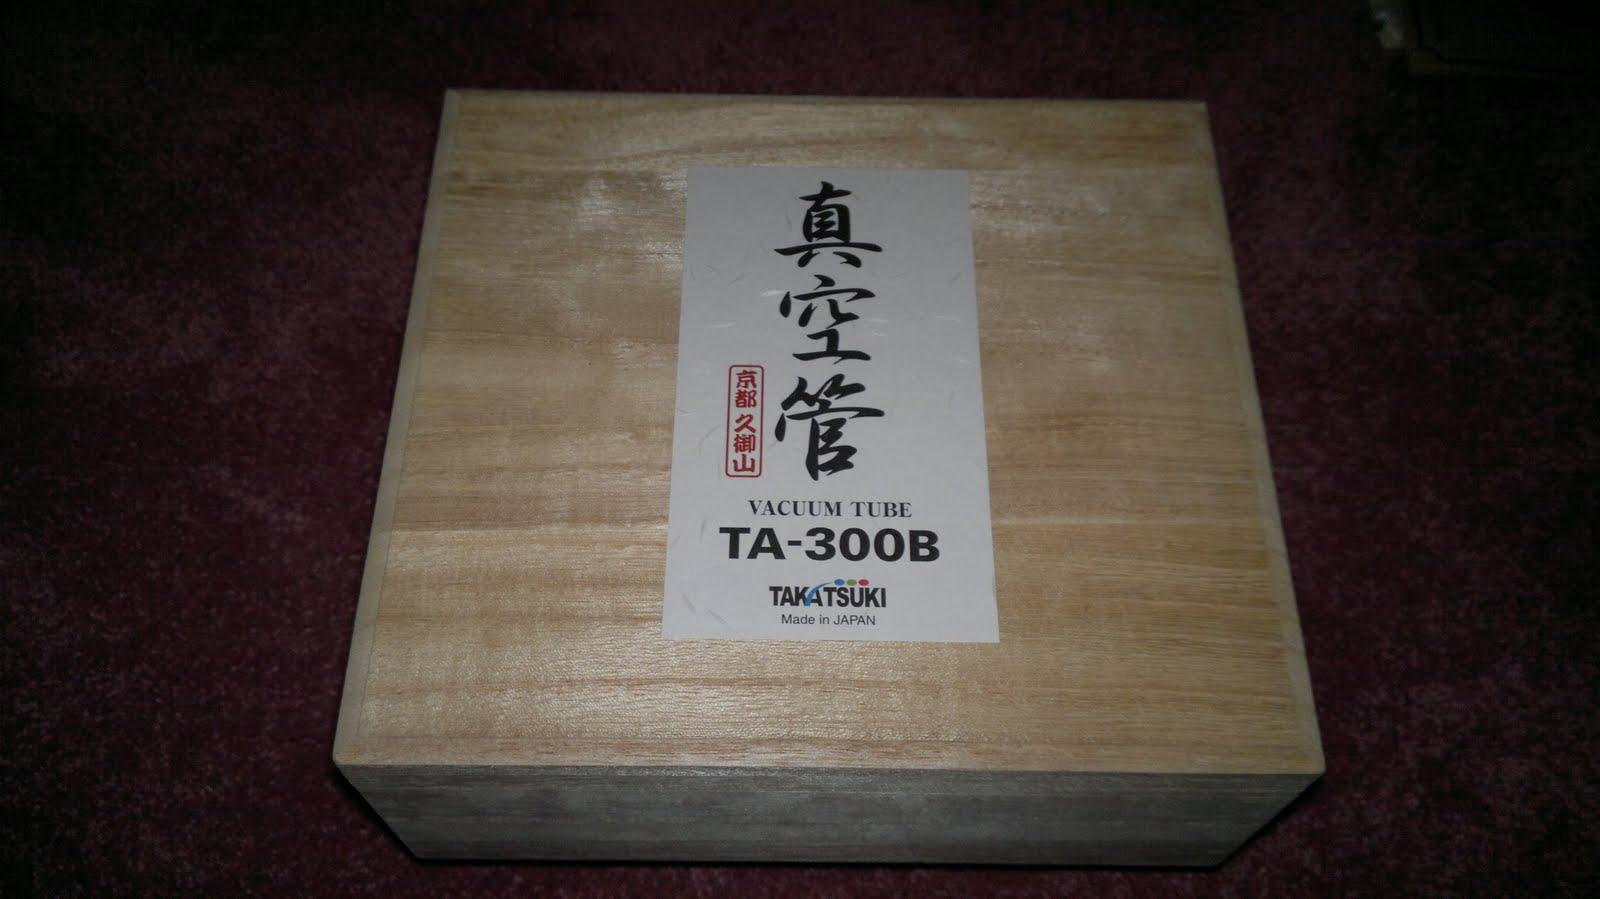 HEADS UP - coming very soon - Takatsuki TA- 300B !! | MUSIC